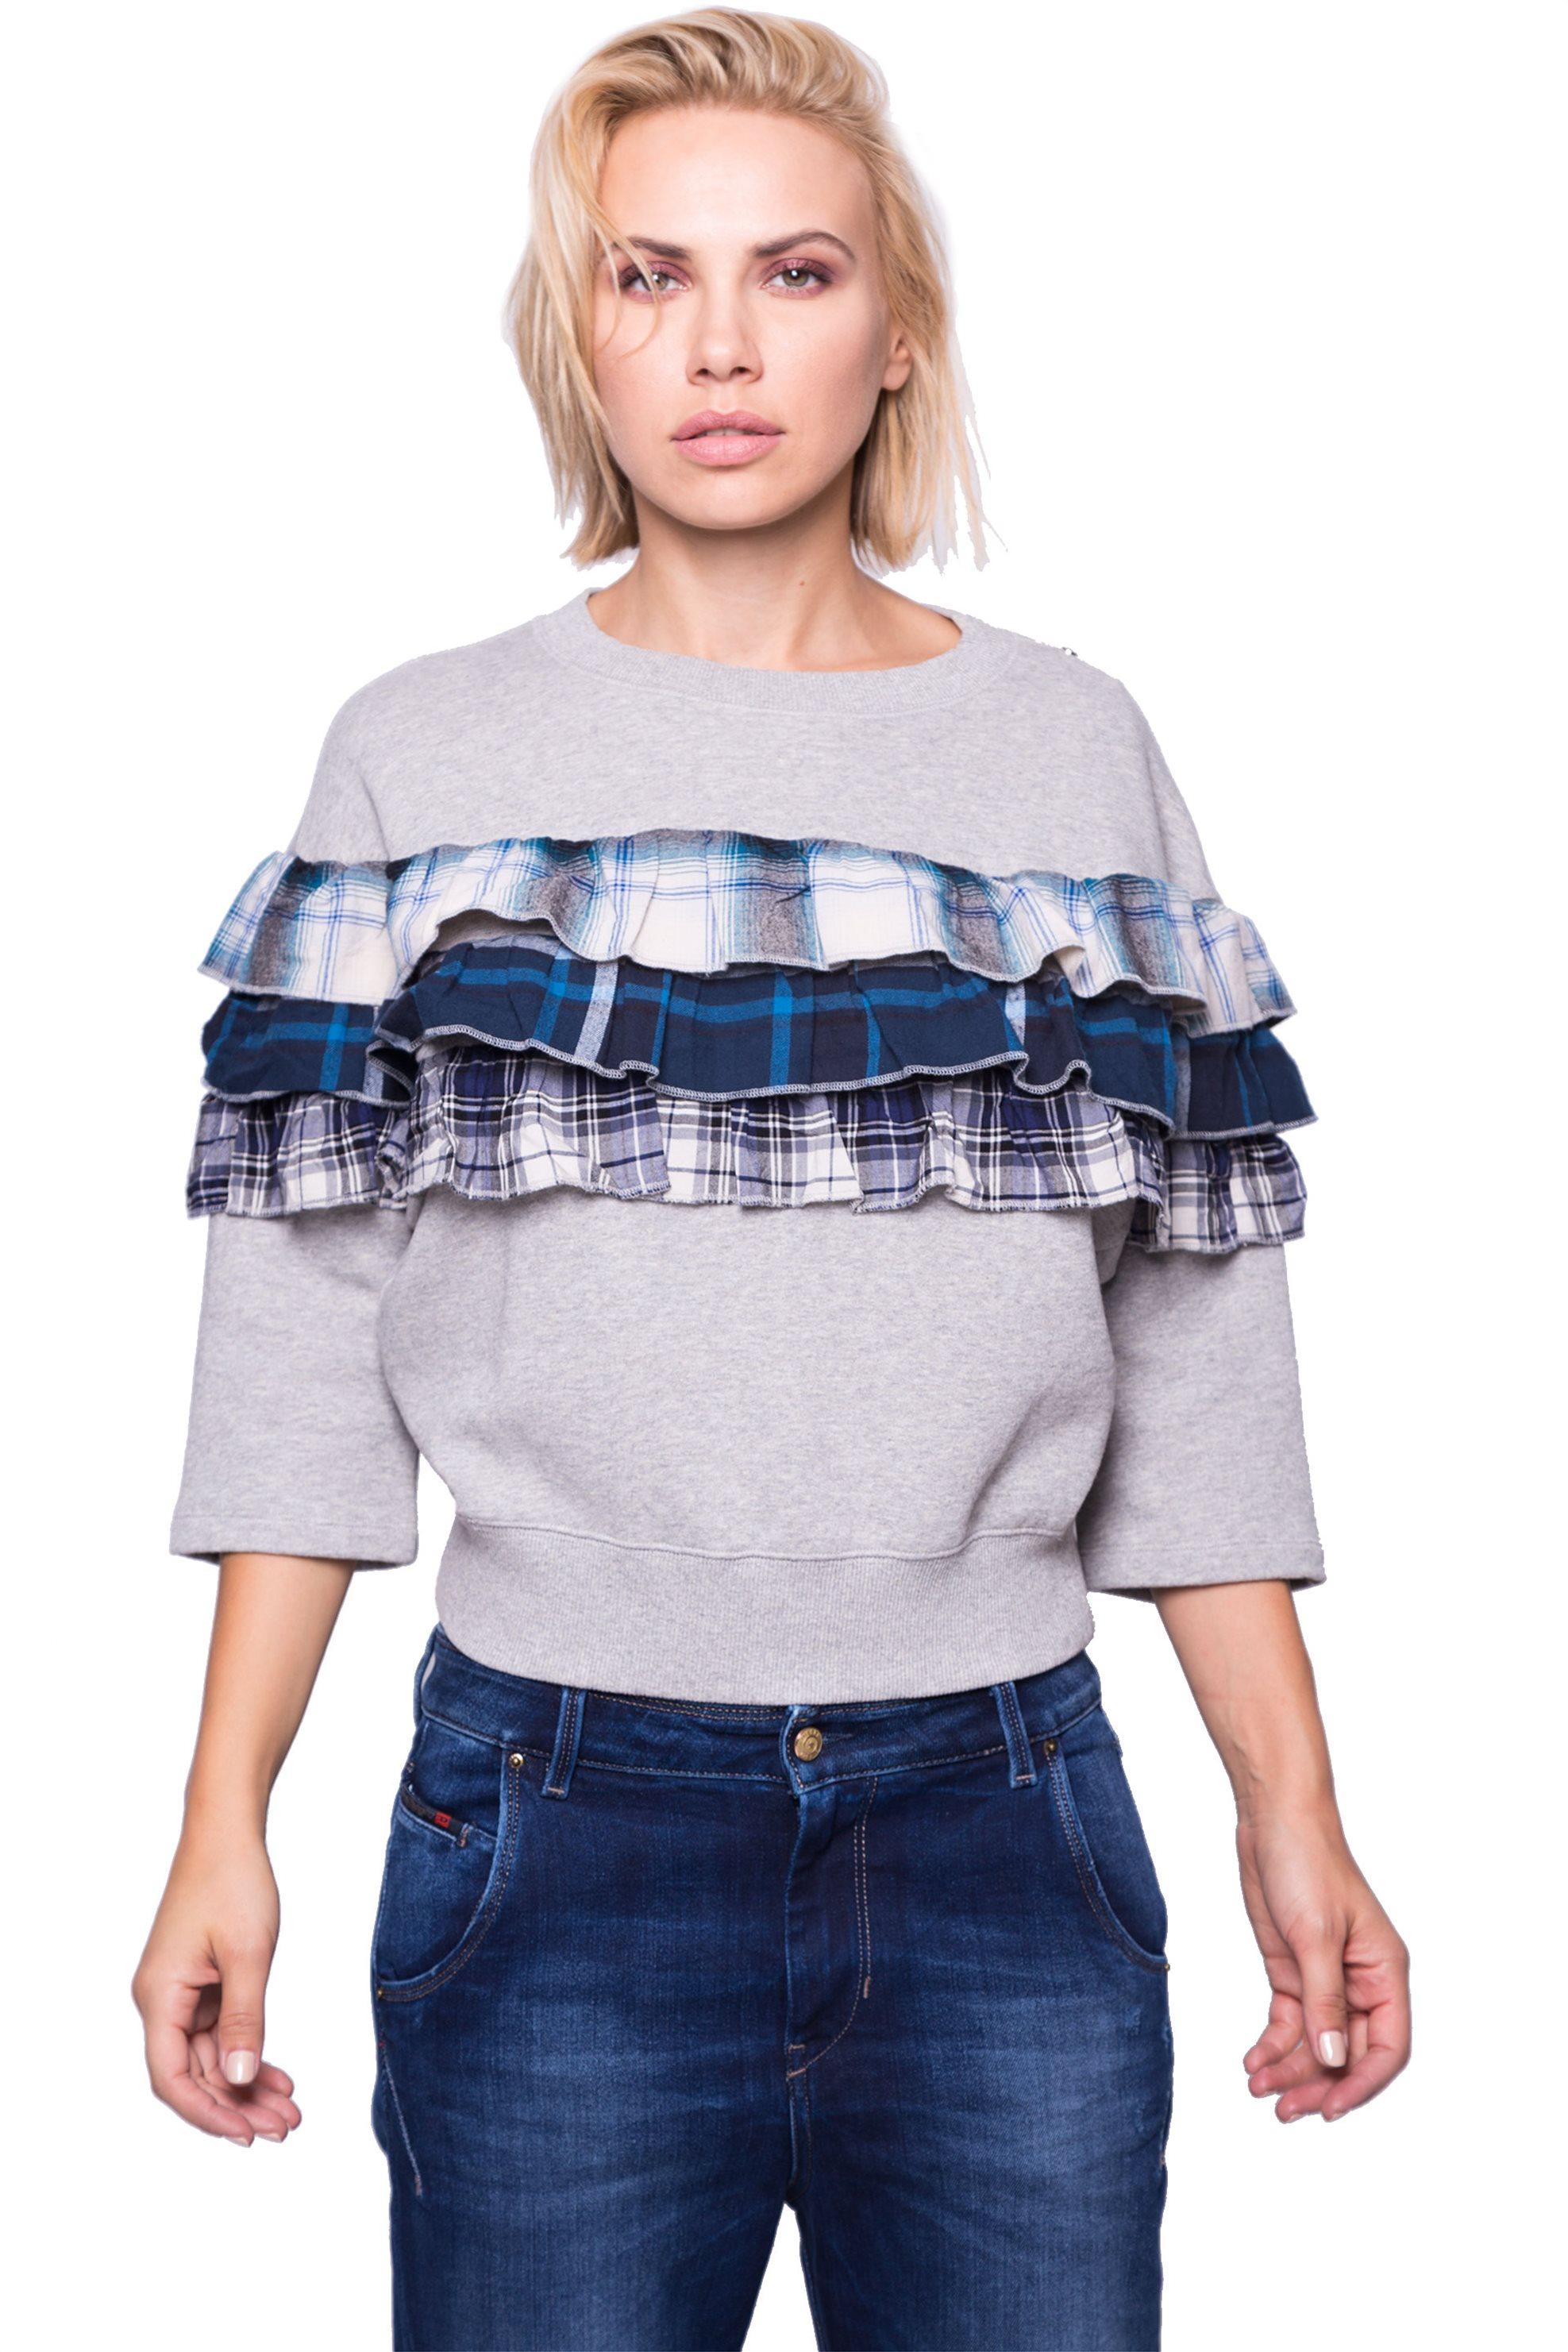 Γυναικεία μπλούζα Diesel - 00SZJF 0QAQS - Γκρι γυναικα   ρουχα   tops   μπλούζες   φούτερ μπλούζες   ζακέτες   casual